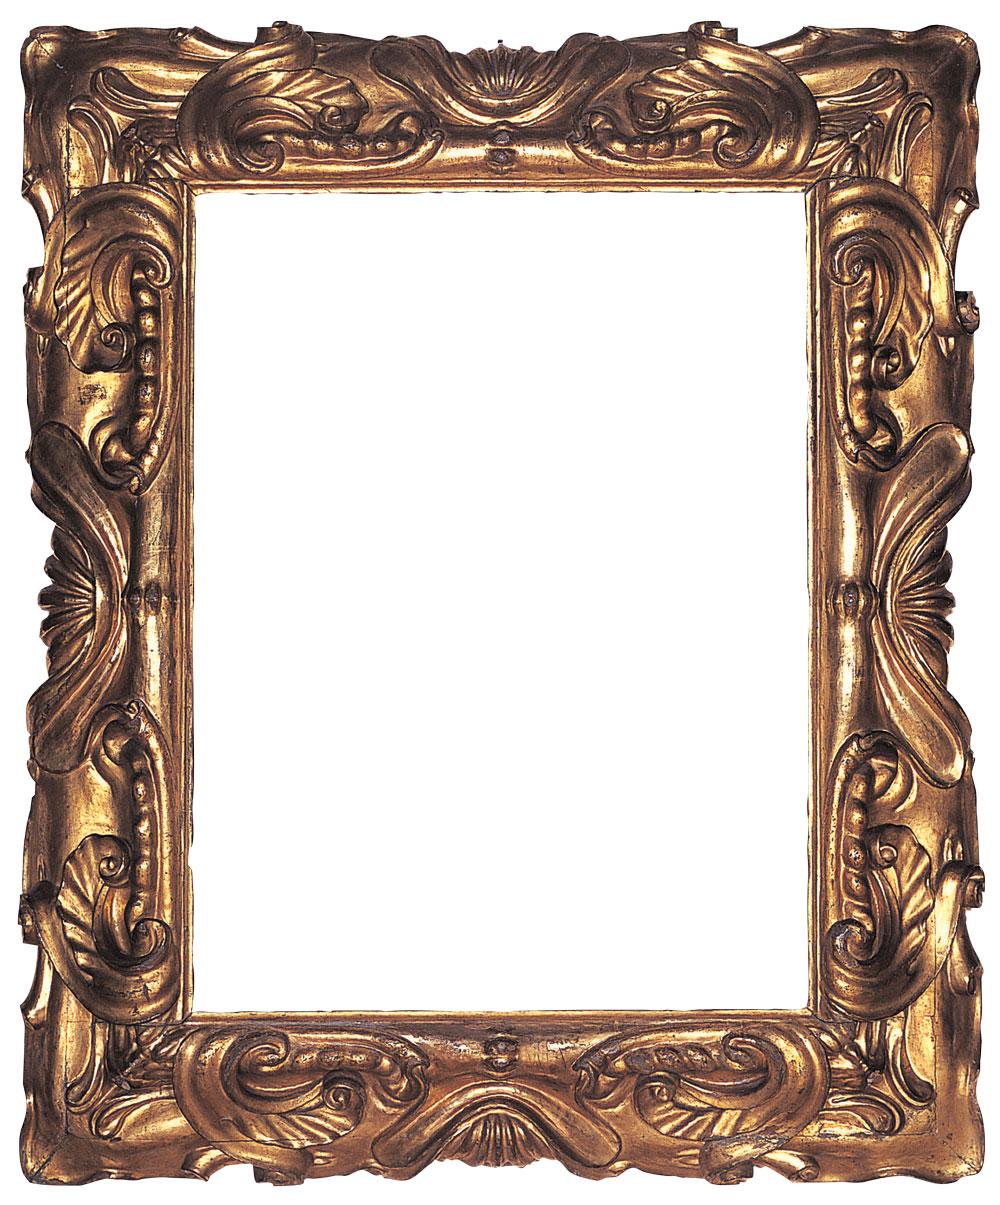 Hình khung ảnh viền cổ điển